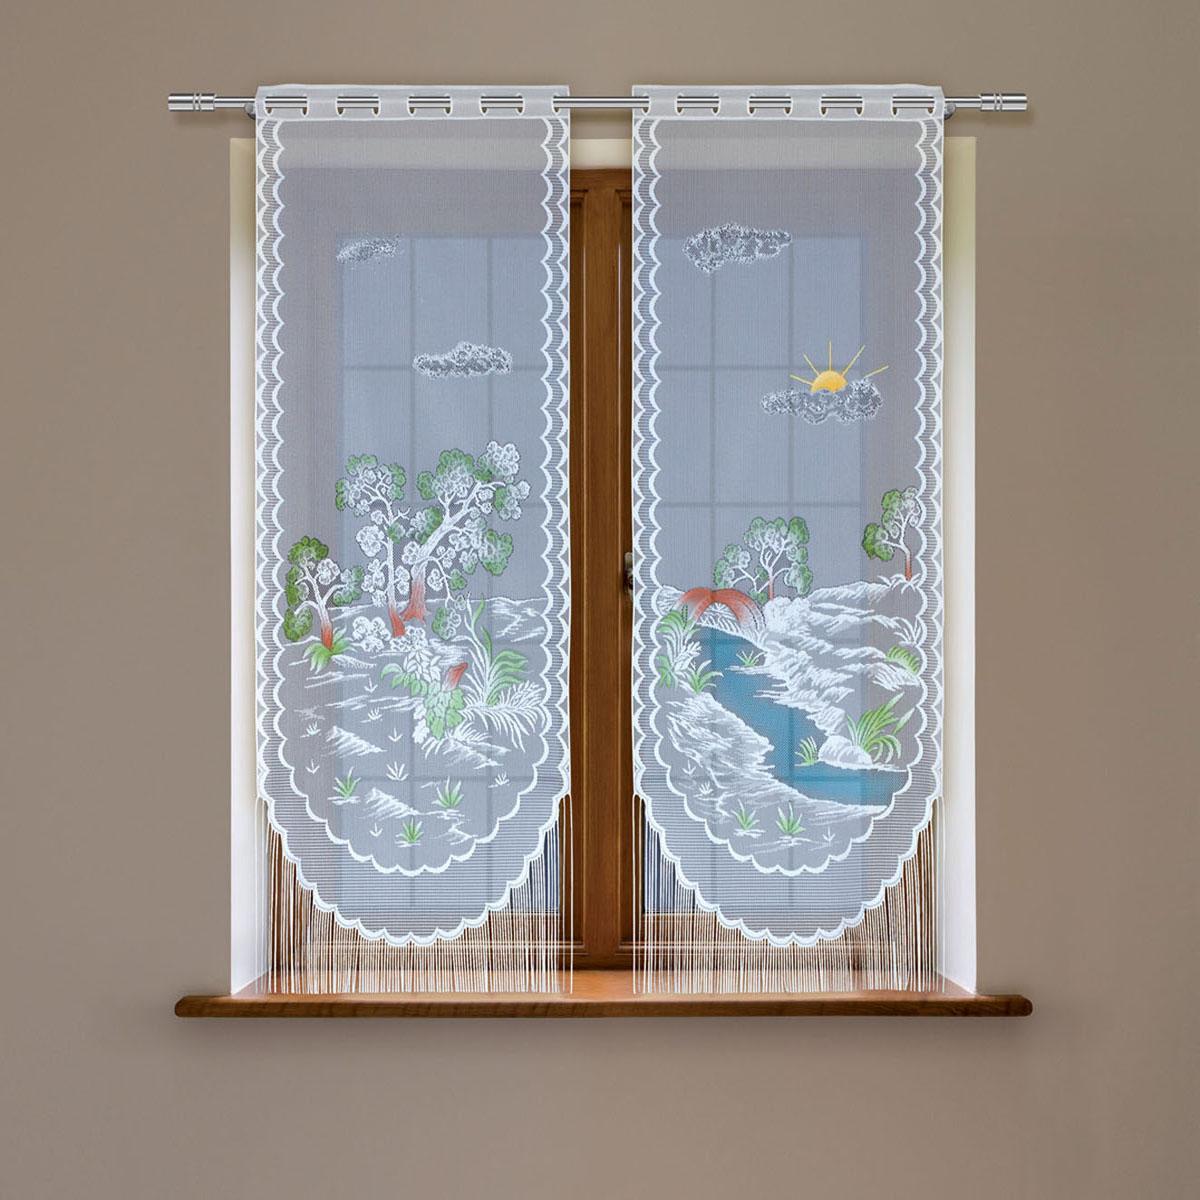 Гардина Haft, цвет: белый, высота 120 см333332Гардина имеет в верхней части полотна прорези, через которые гардина-витраж вывешивается на карниз или можно крепить на зажим для штор,котрый в комплект не входит.Комплект состоит из двух полотен (выс.120* шир.60) Размеры: (высота 120* ширина 60)*2